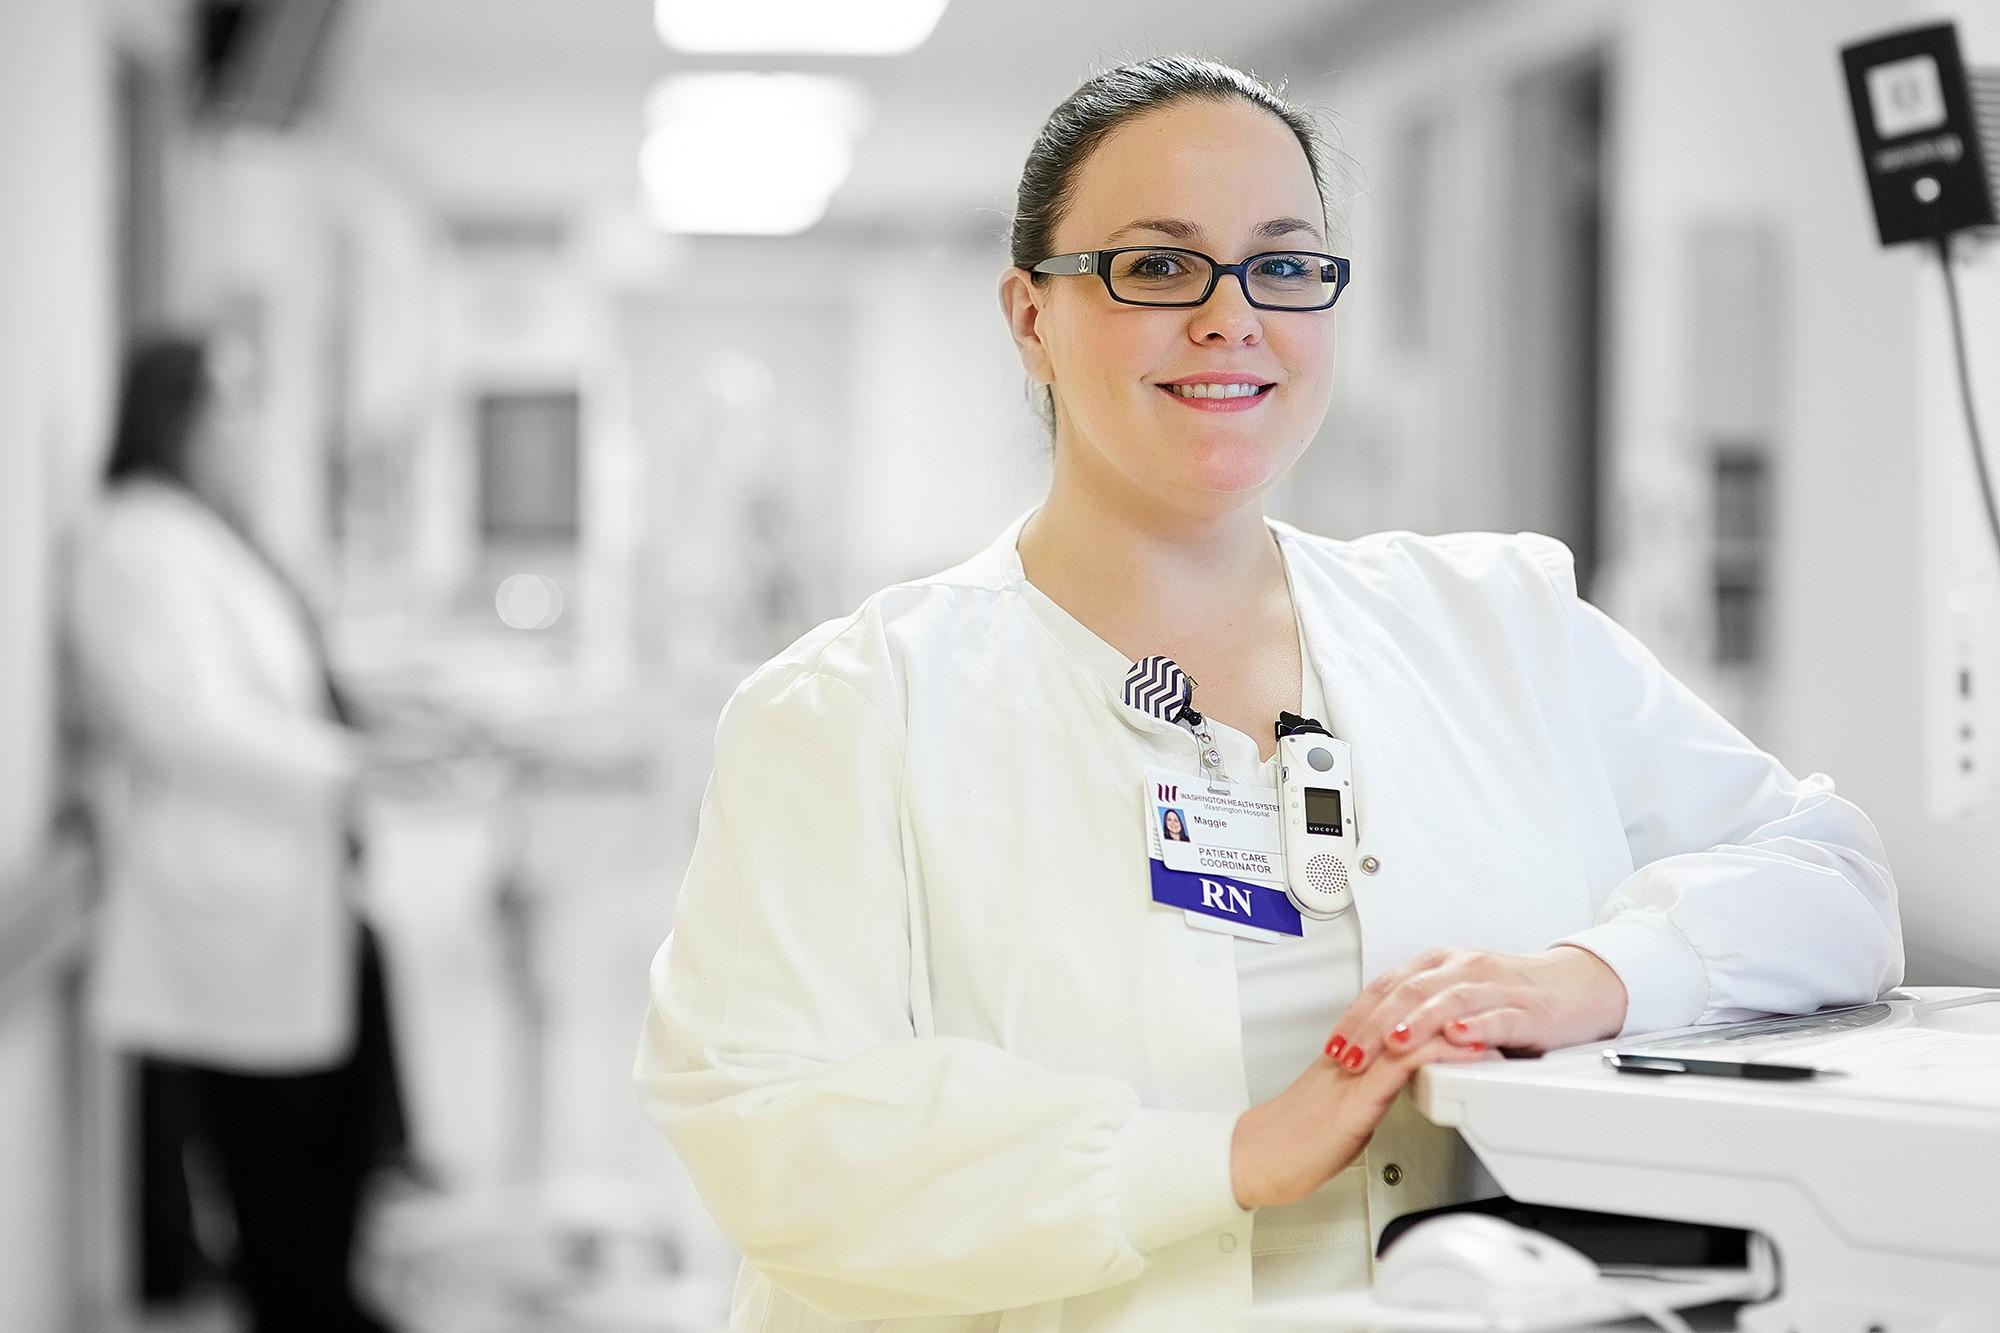 Registered Nurse Virtual Career Fair